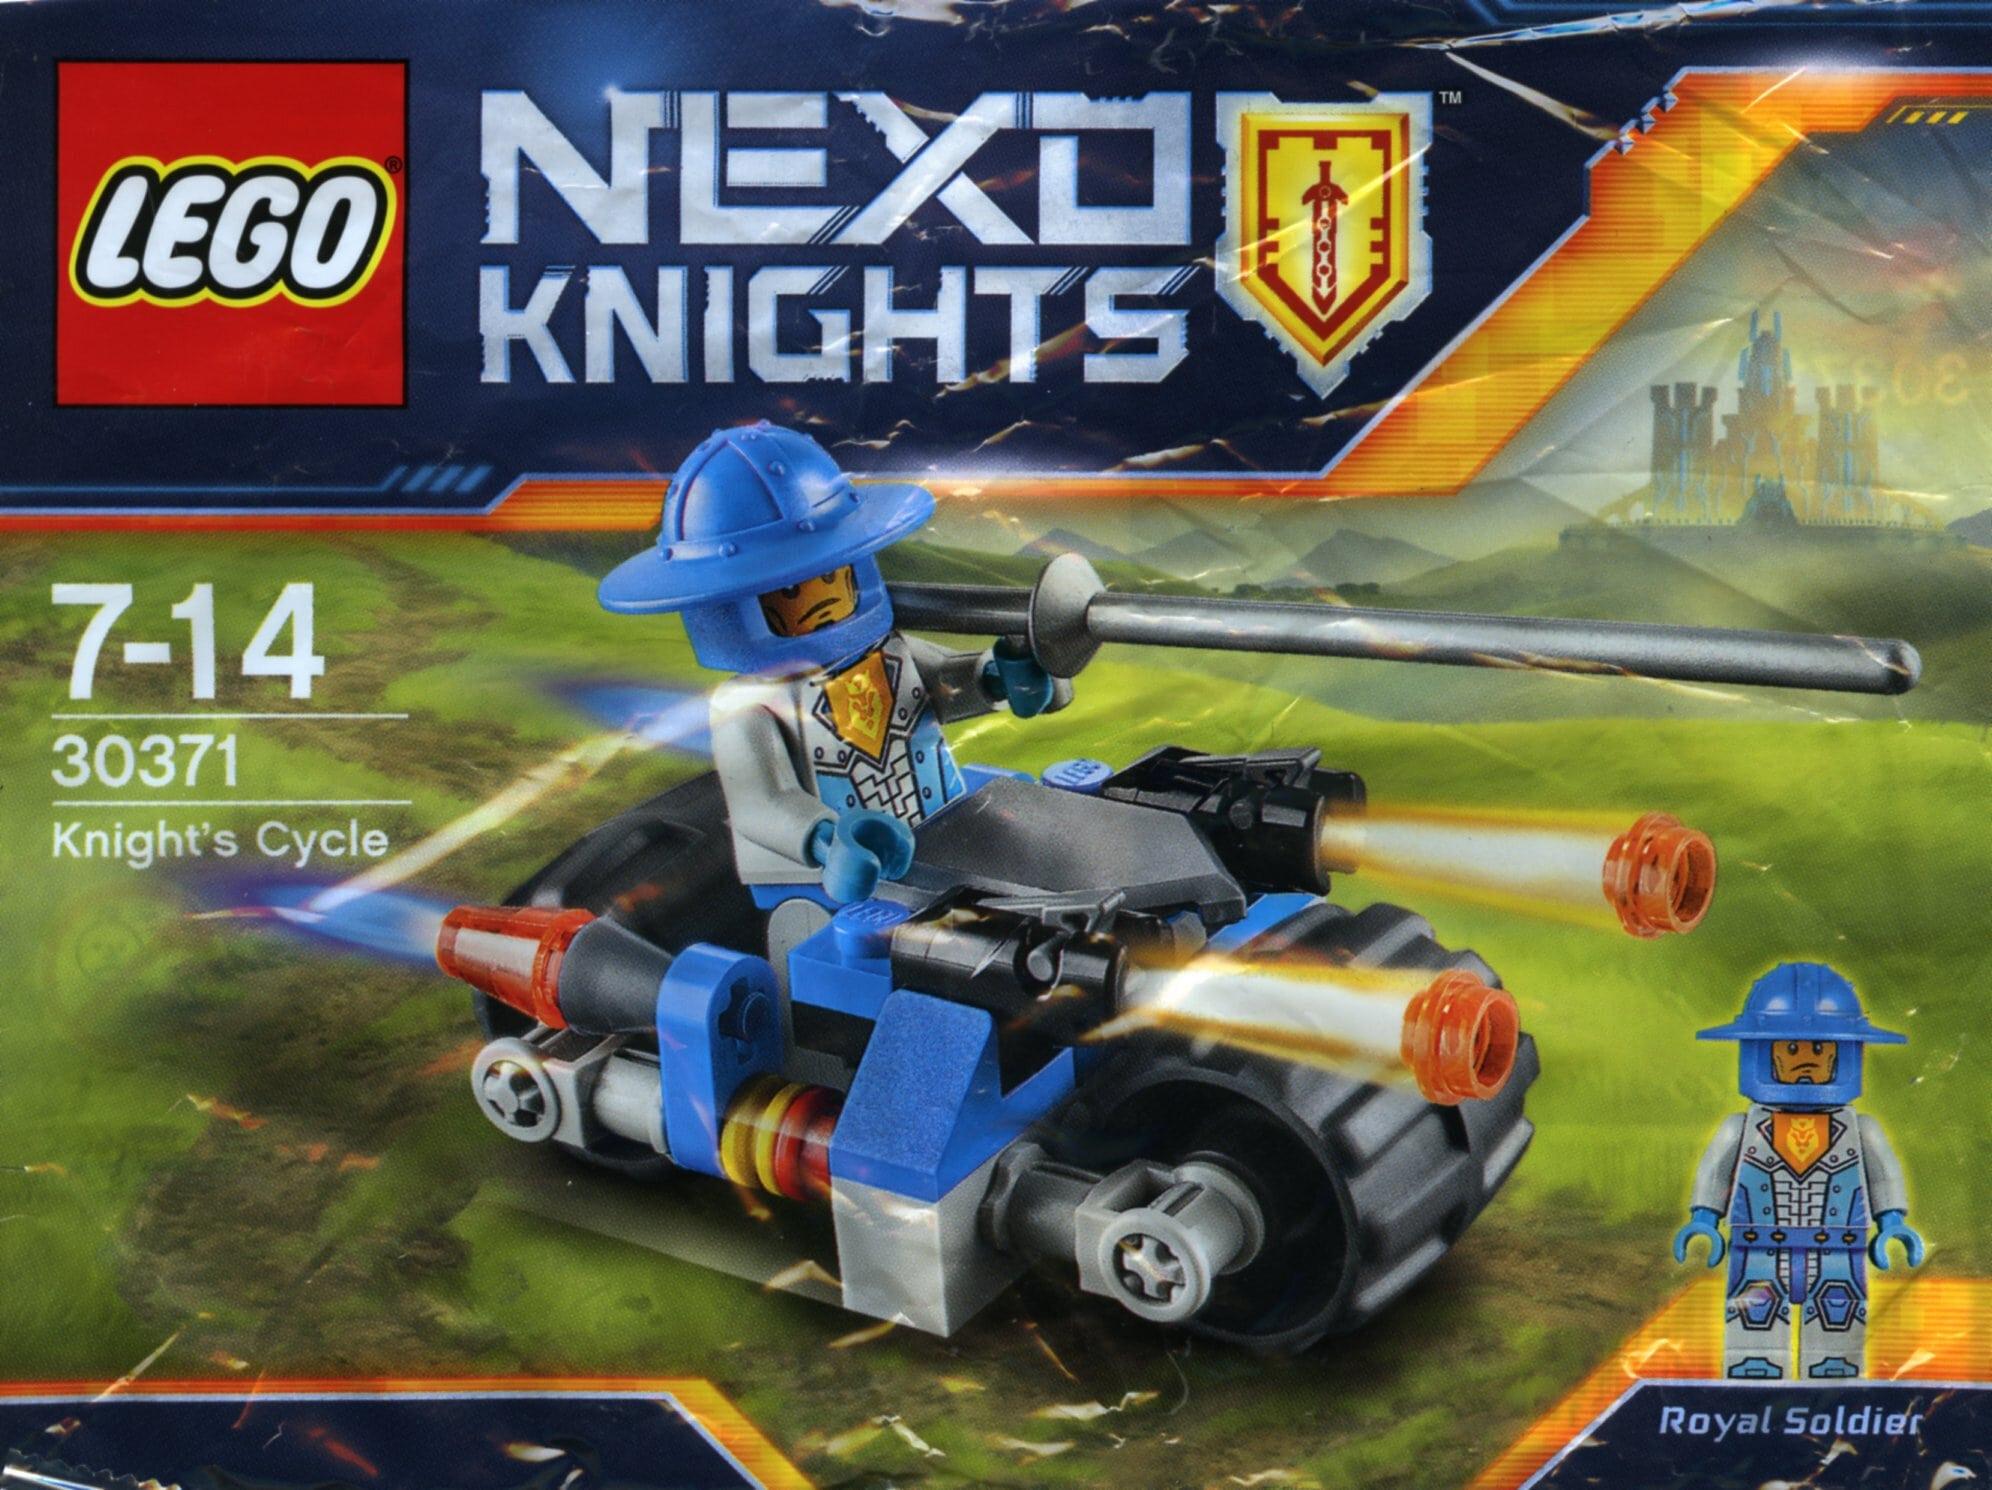 30371 Knight's Cycle | Nexo Knights Wikia | FANDOM powered by Wikia